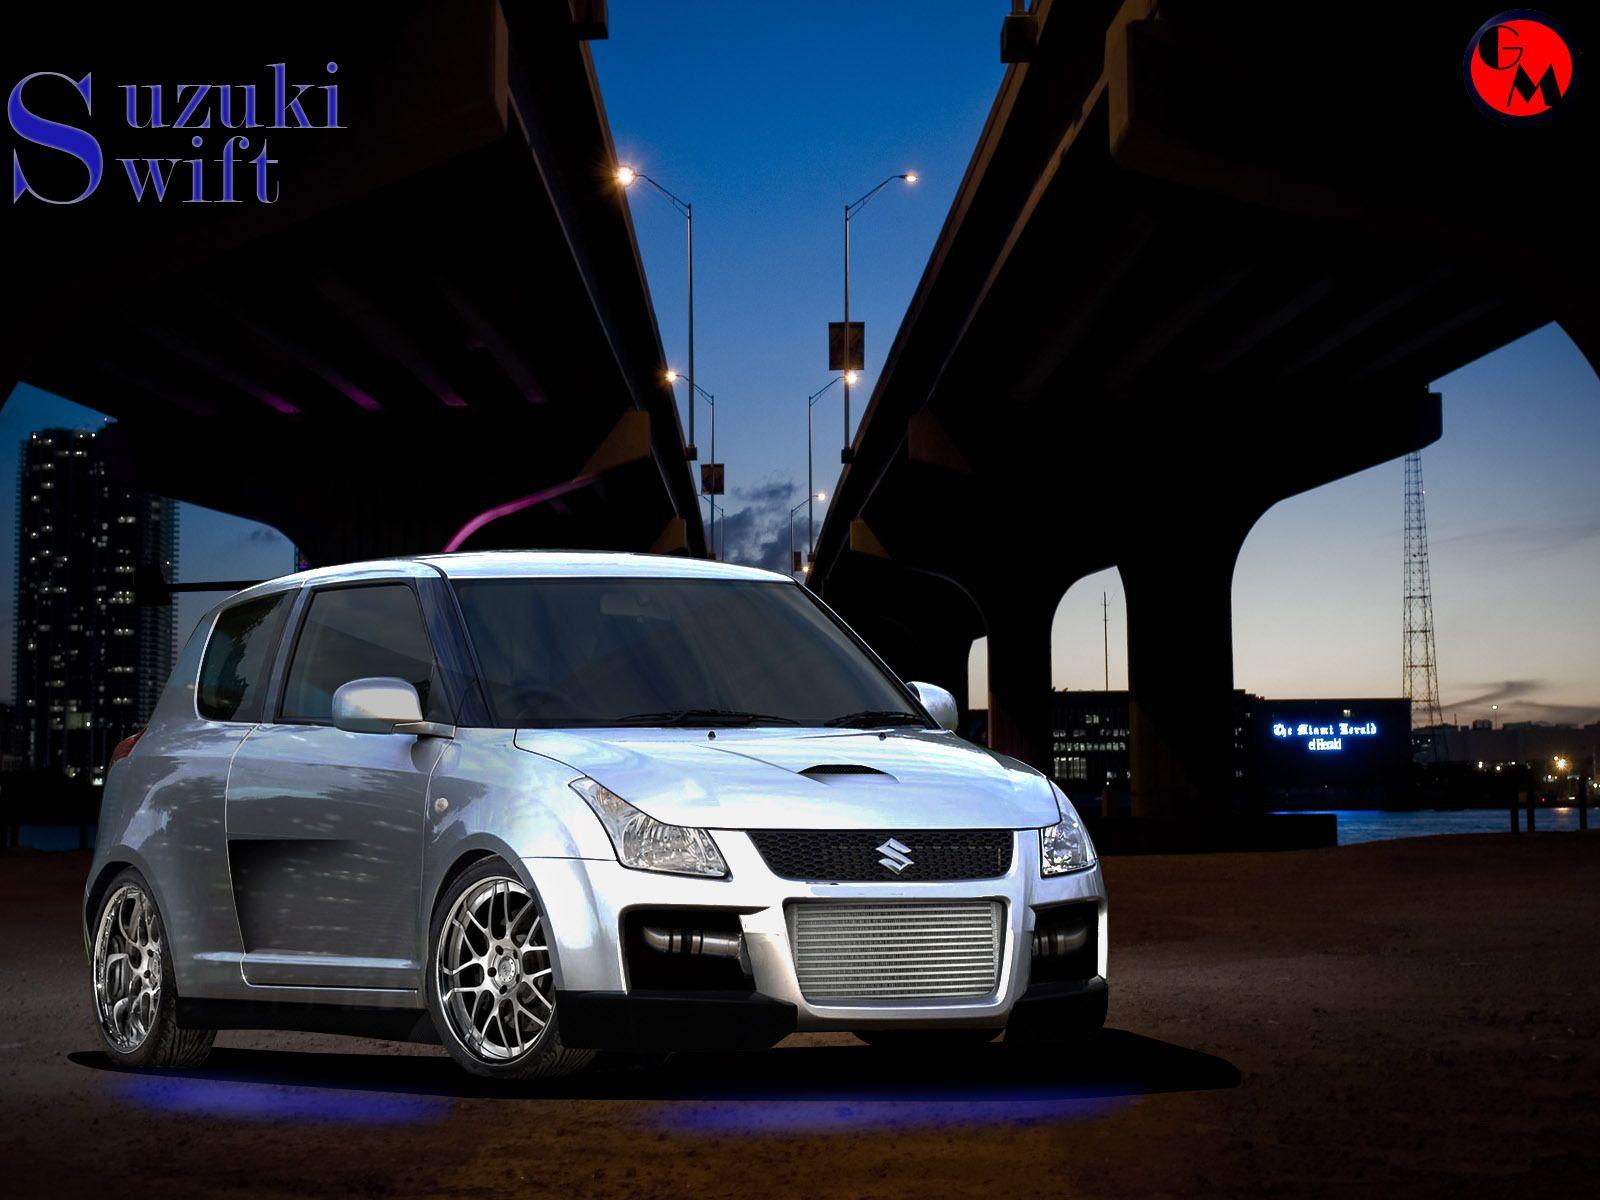 Suzuki Swift Wallpaper Desktop Suzuki Swift Suzuki Swift Sport Reliable Cars